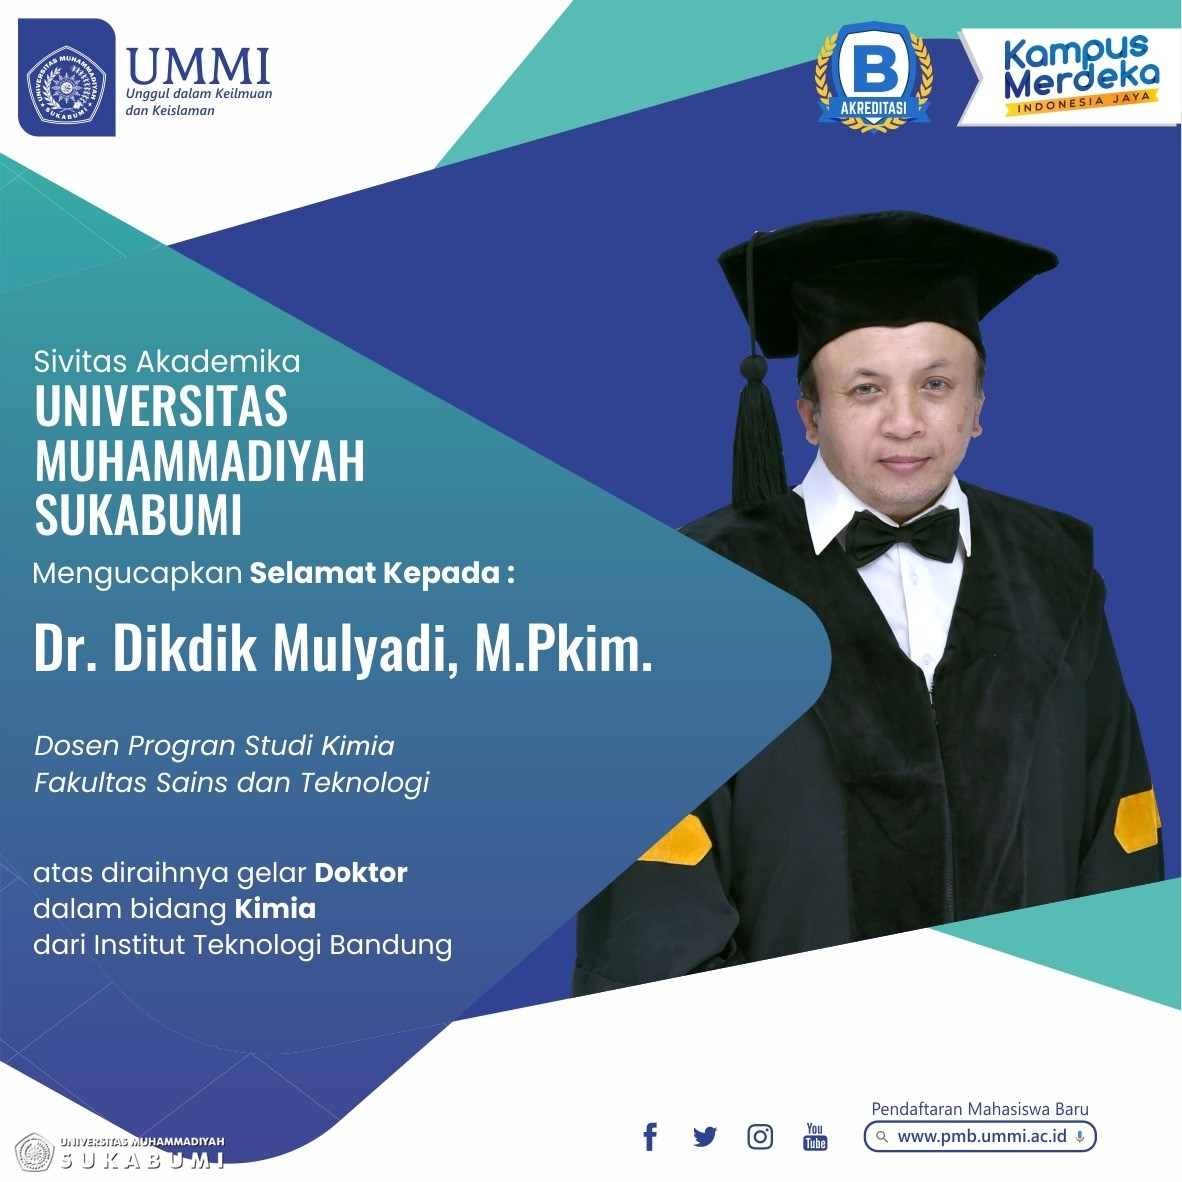 Dikdik Mulyadi, Dosen Program Studi Kimia UMMI Raih Gelar Doktor